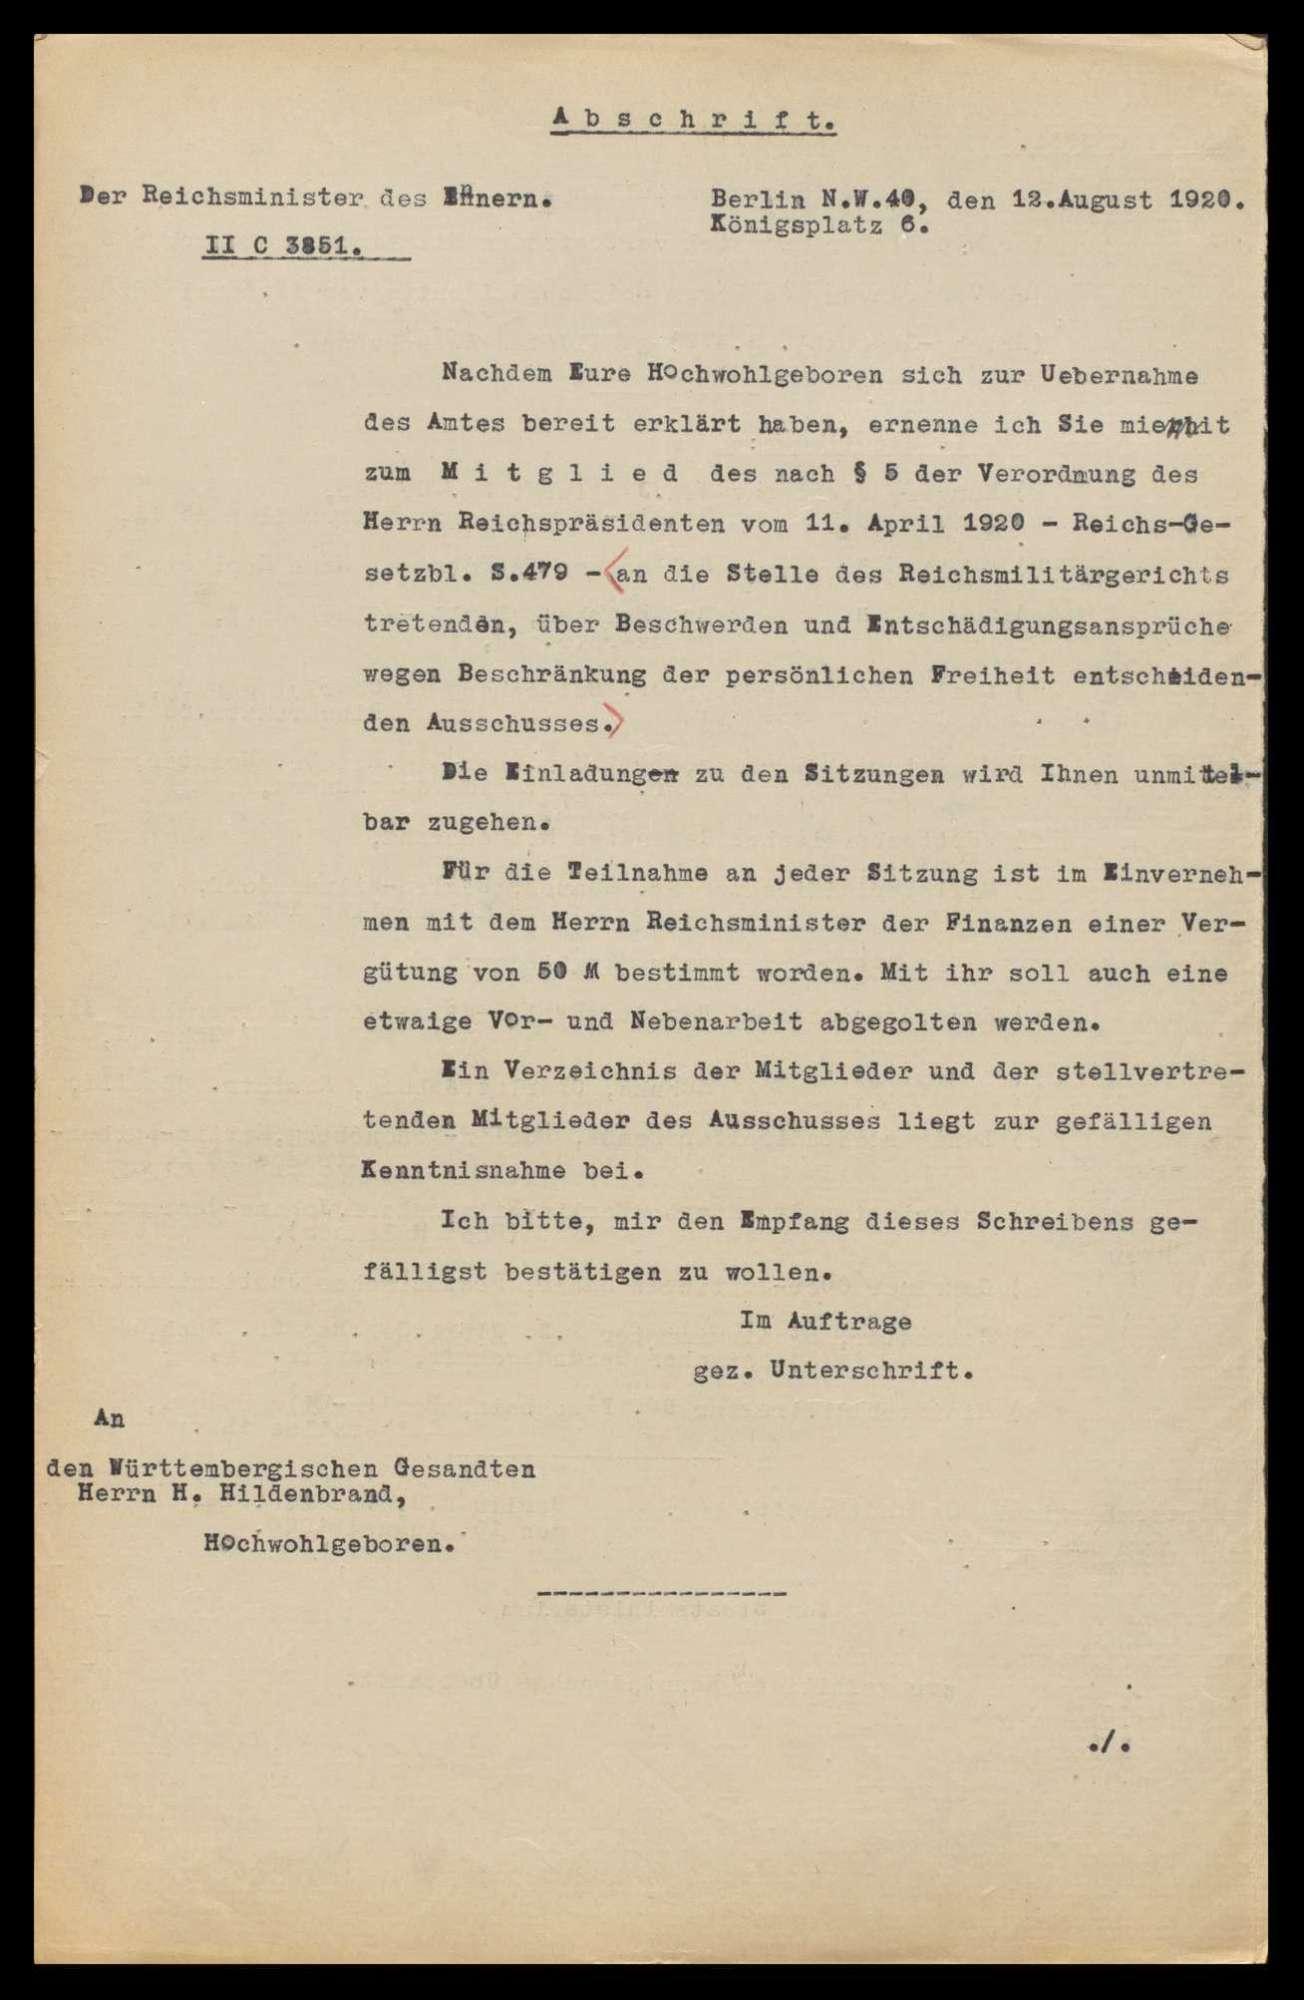 Bildung eines Reichsratsausschusses als Beschwerdeinstanz bei Verboten periodischer Druckschriften, Bild 3